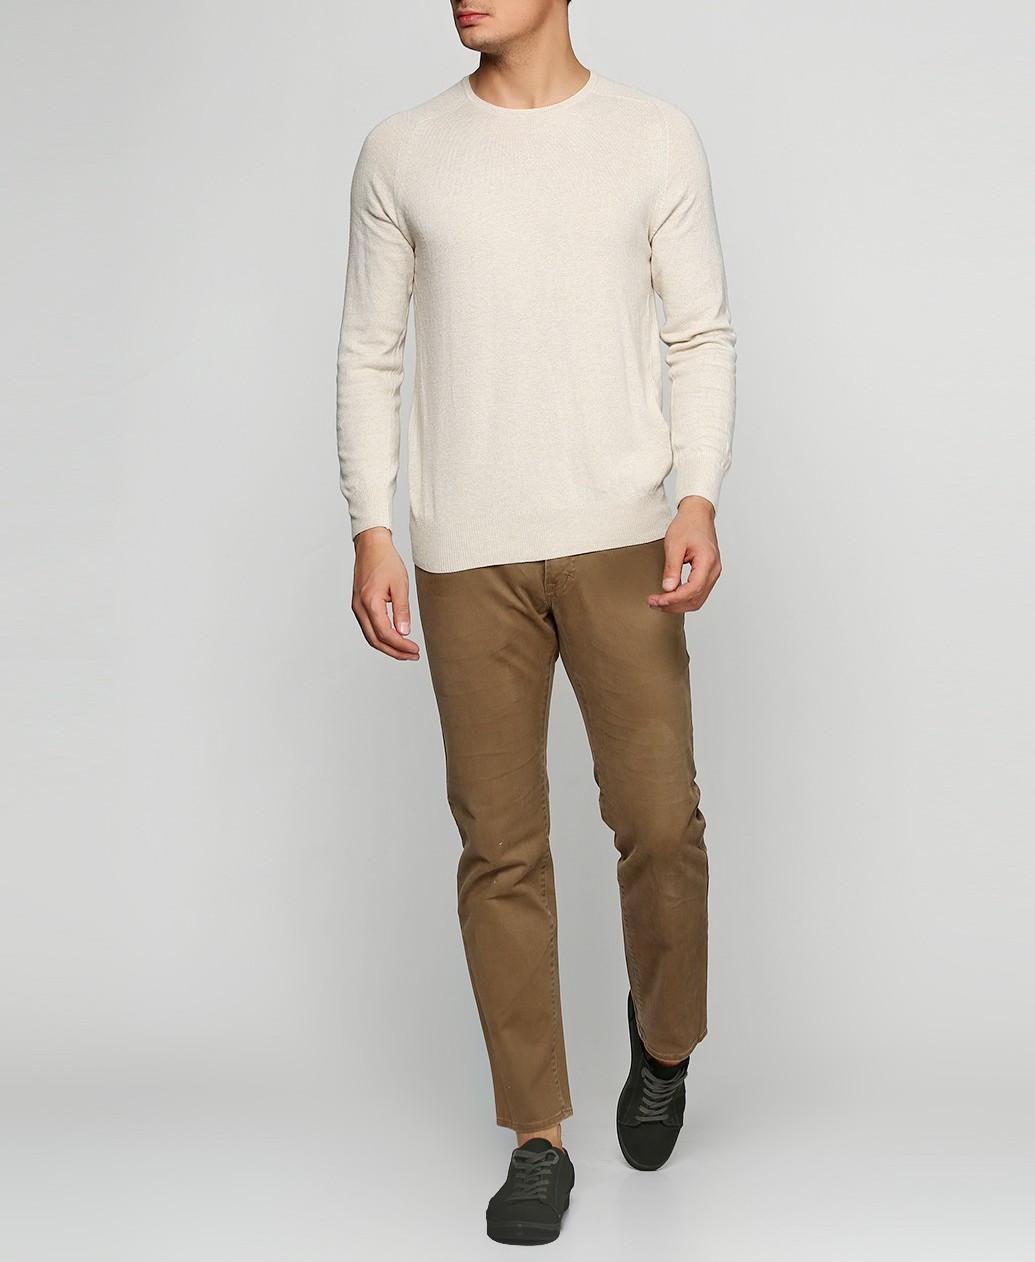 Мужские джинсы Westbury 40/34 Светло-коричневый (2900055203013)